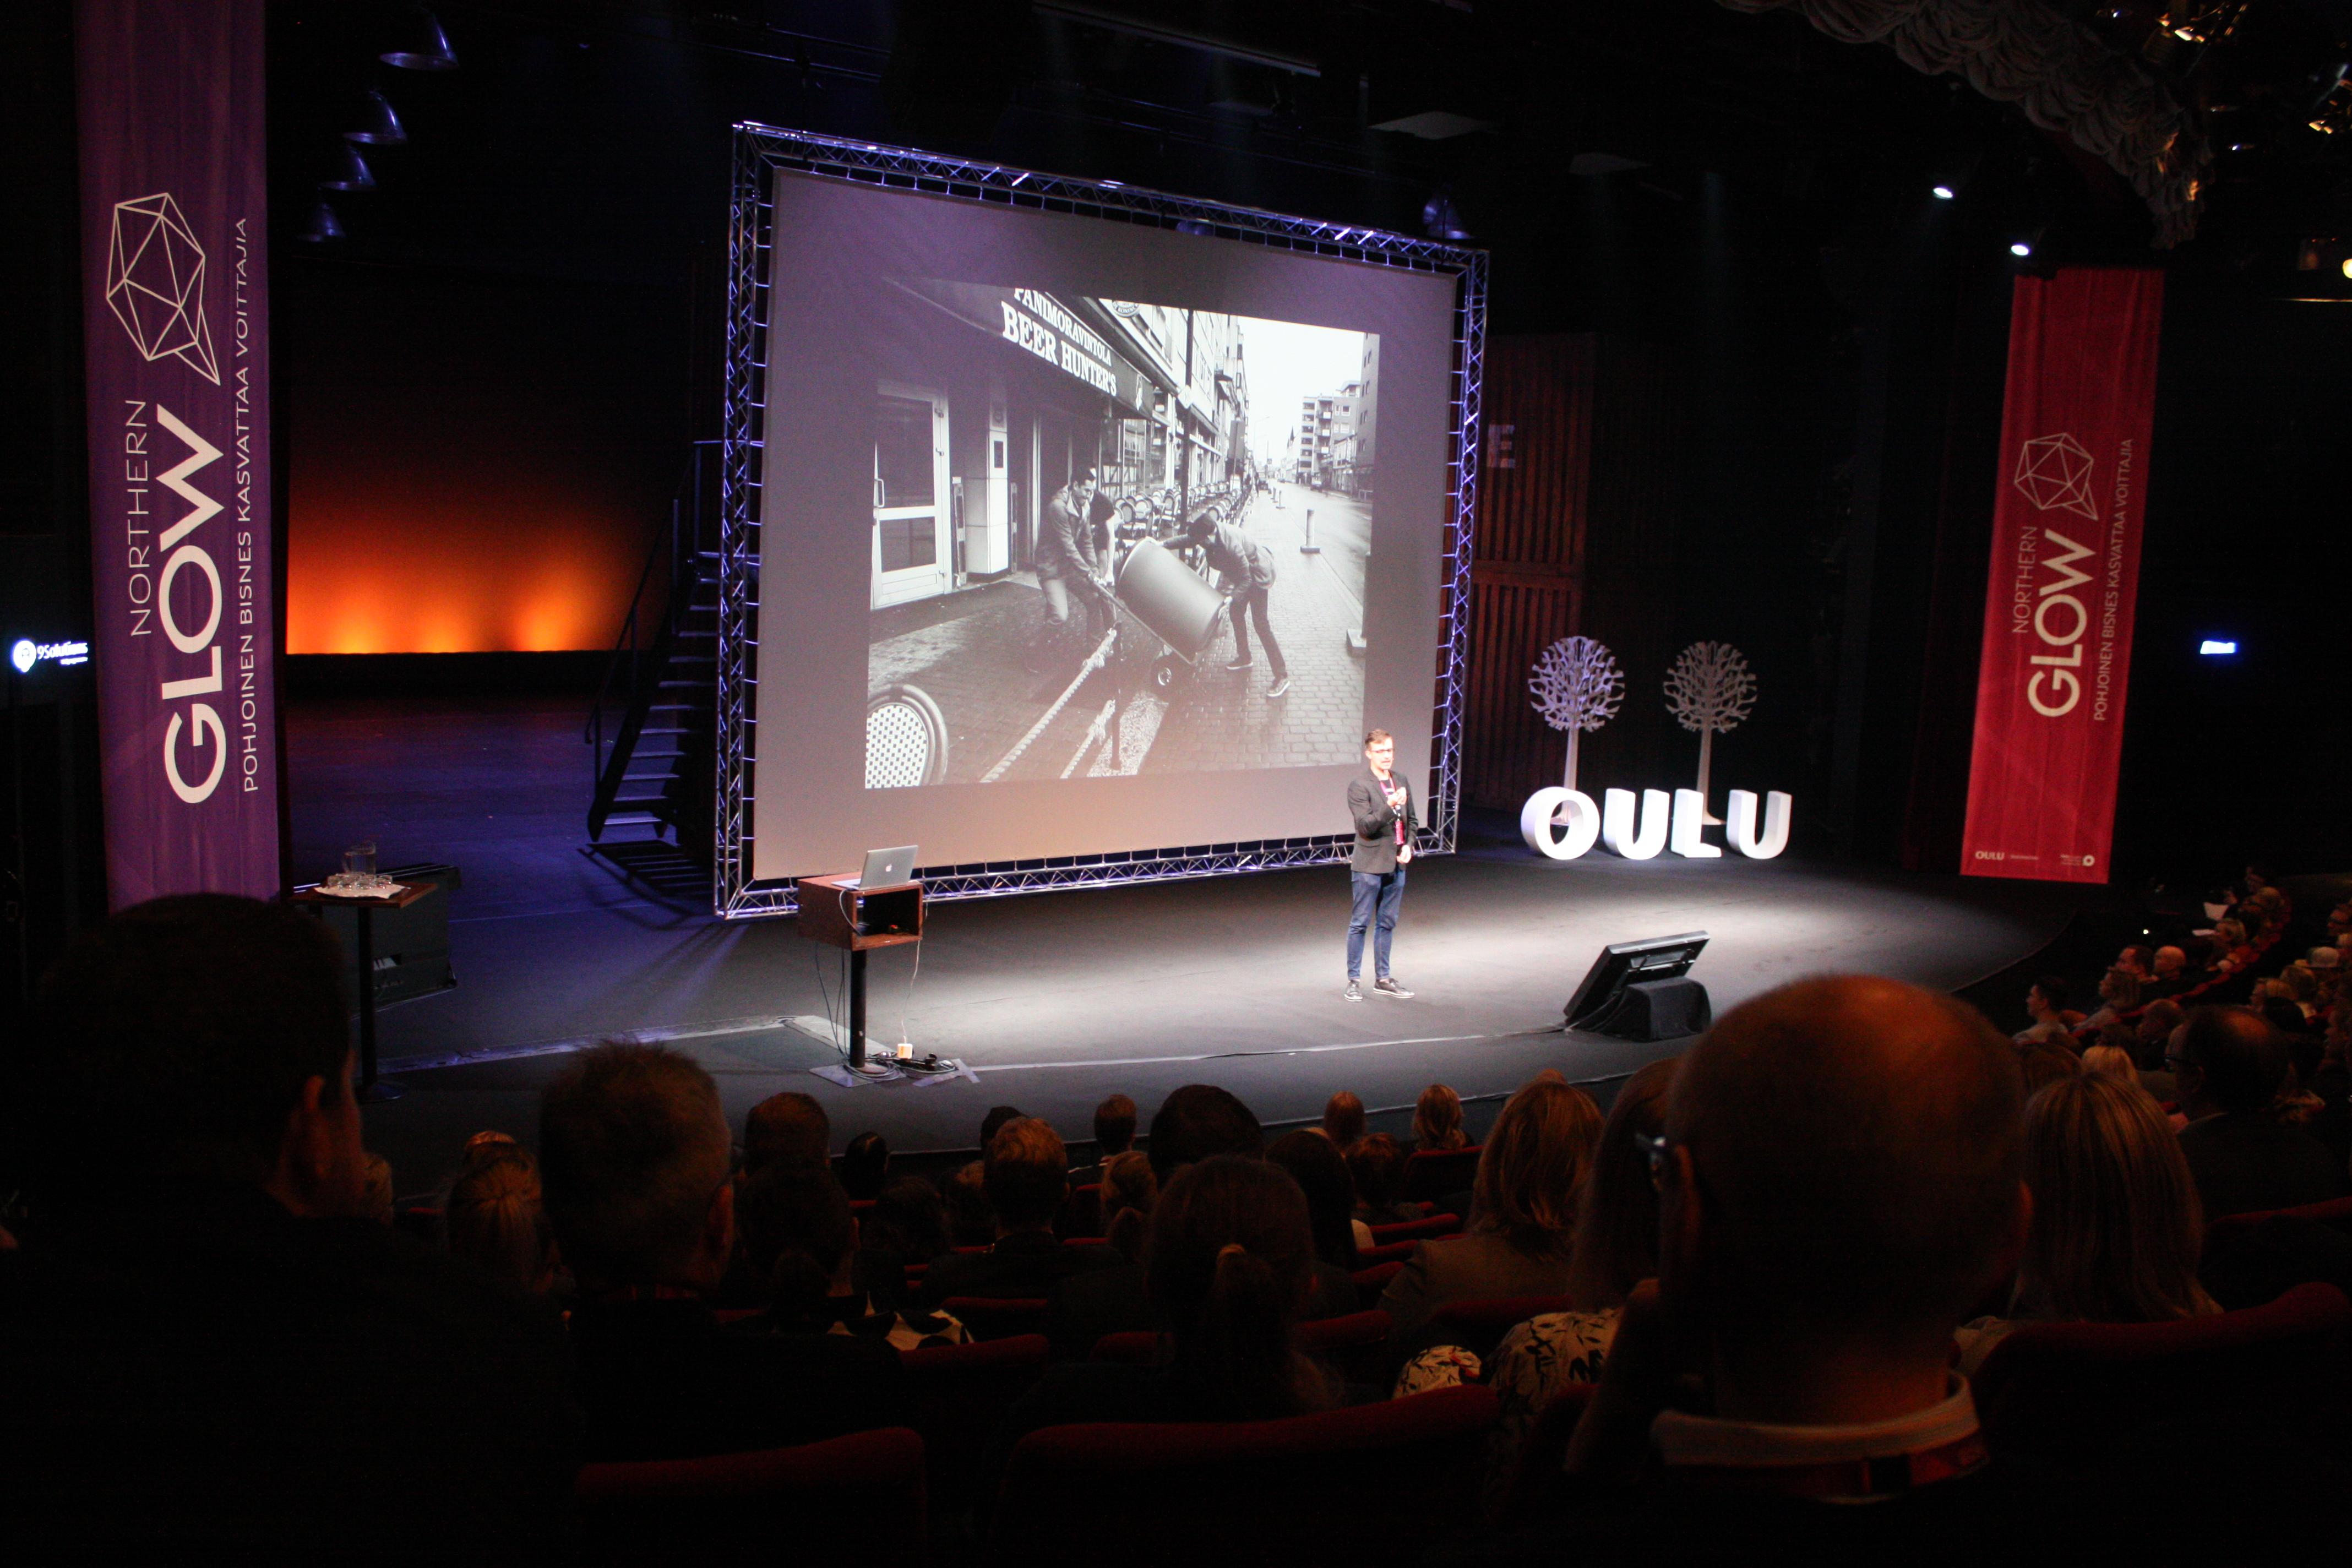 Kyrö Distilleryn Miko Heinilä kuvitti Kyrön värikästä tarinaa mustavalkoisin kuvin niin alueen kuin yhtiön historiasta. Kuva: Marko Pyhähuhta